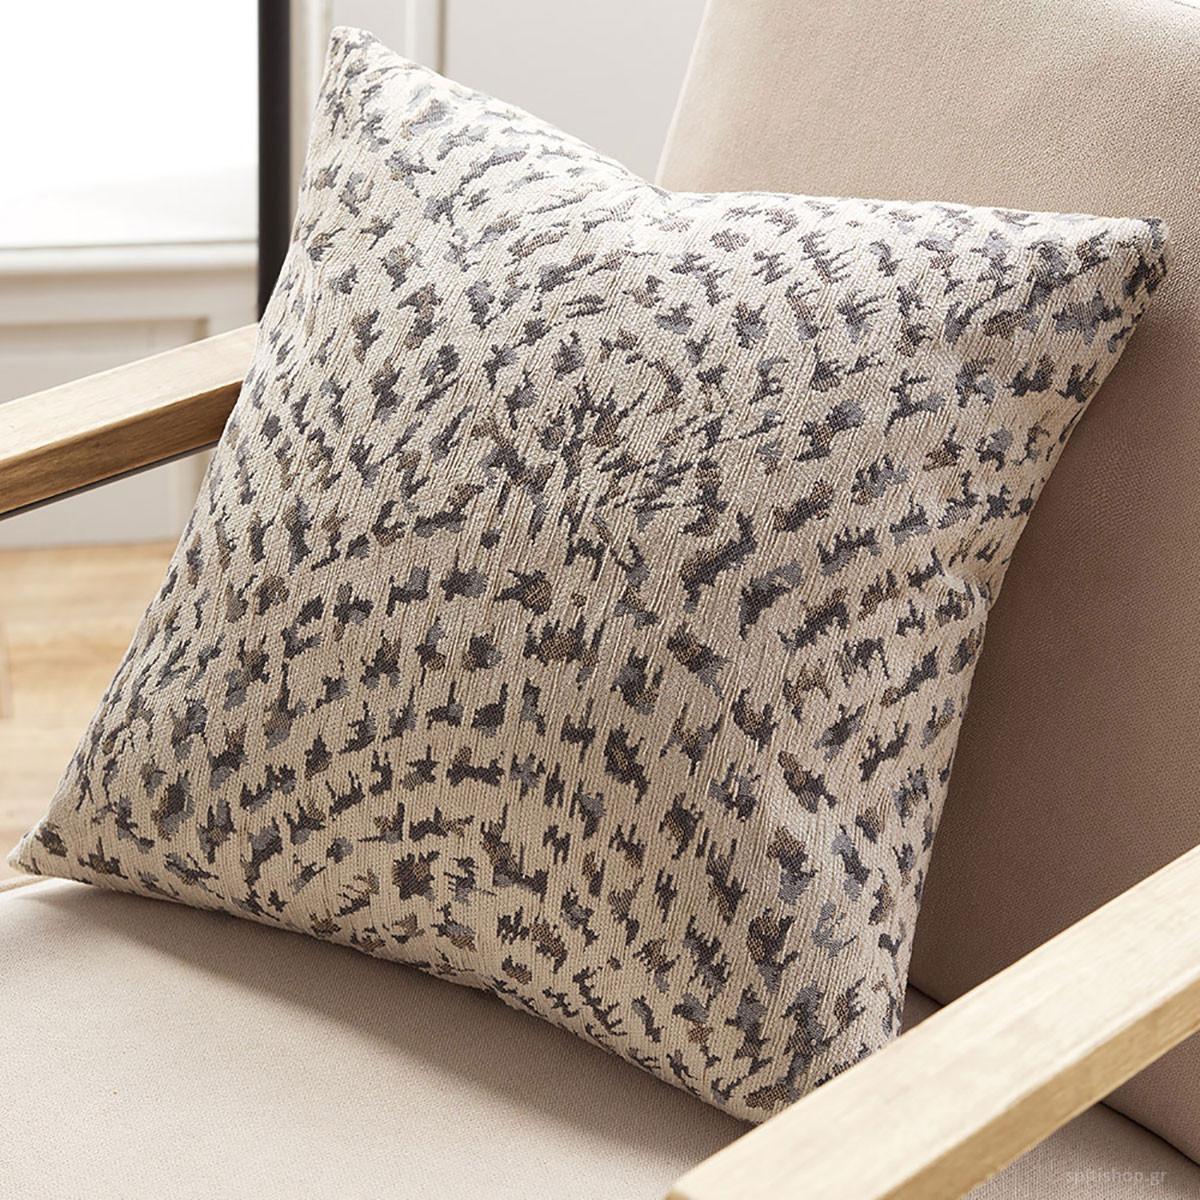 Διακοσμητική Μαξιλαροθήκη Gofis Home Ventalia Grey 7223/15